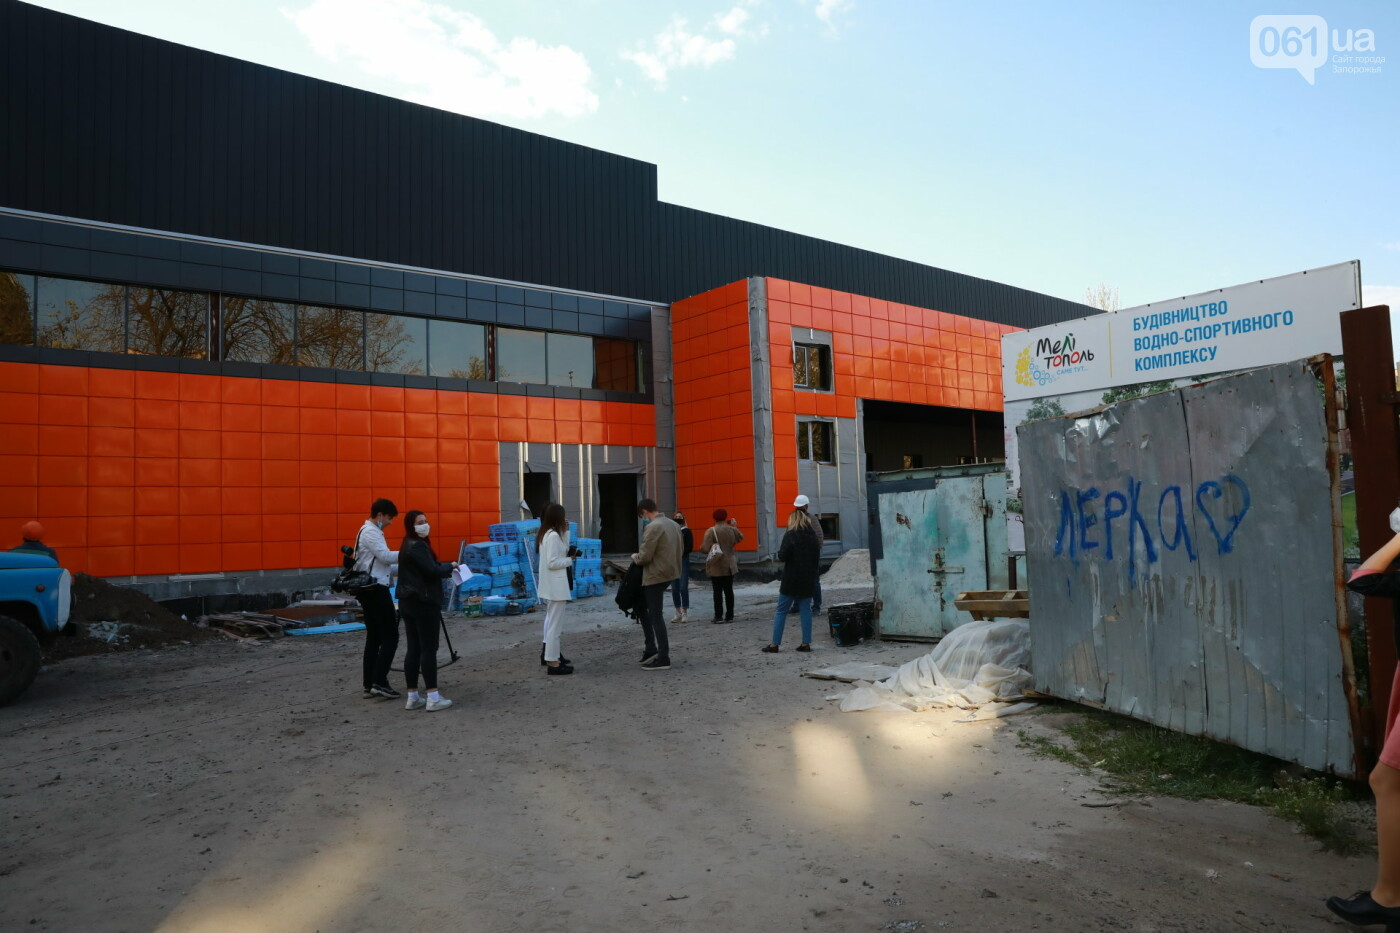 В Мелитополе полным ходом идет строительство водно-спортивного комплекса на 78 миллионов, - ФОТО, фото-11